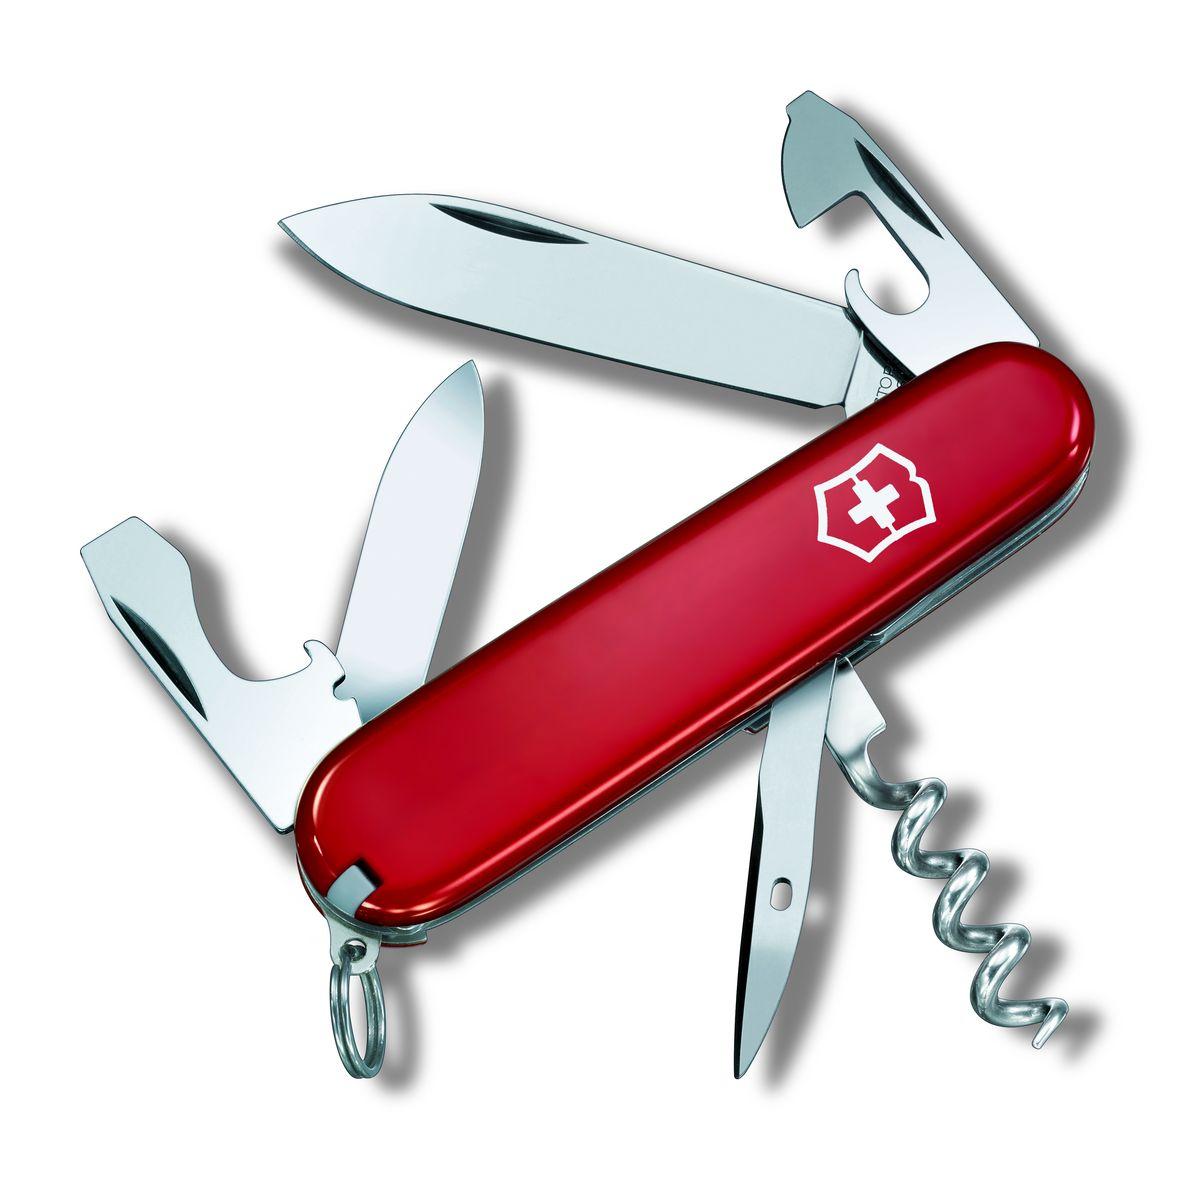 Нож перочинный Victorinox Tourist 0.3603, цвет: красный0.3603Швейцарский армейский нож TOURIST имеет 12 функций: 1. Большое лезвие 2. Малое лезвие 3. Шило, Кернер 4. Штопор 5. Кольцо для ключей 6. Пинцет 7. Зубочистка 8. Открывалка для бутылок с: 9. - Отверткой 10. Консервный нож с: 11. - Отверткой 12. - Инструментом для снятия изоляции Цвет: красный